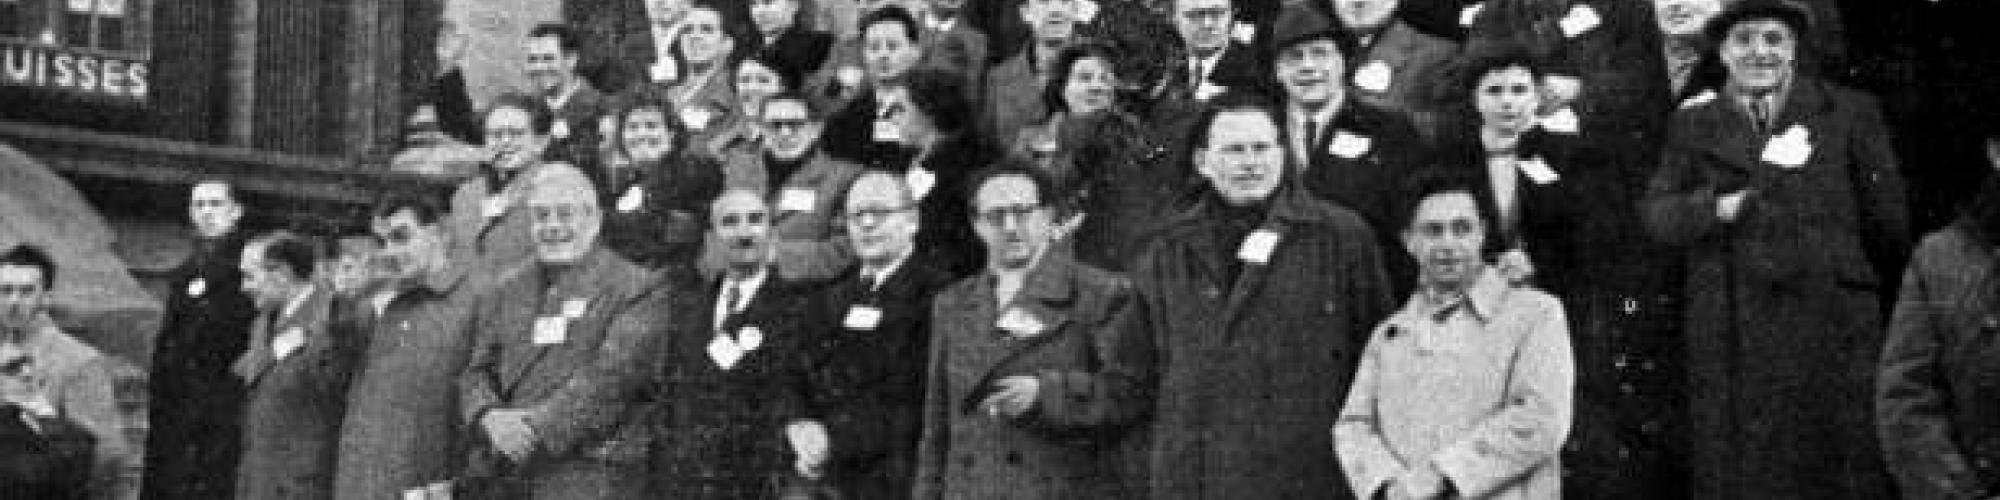 Comité Central du PCB, 1945 - , rechten voorbehouden.